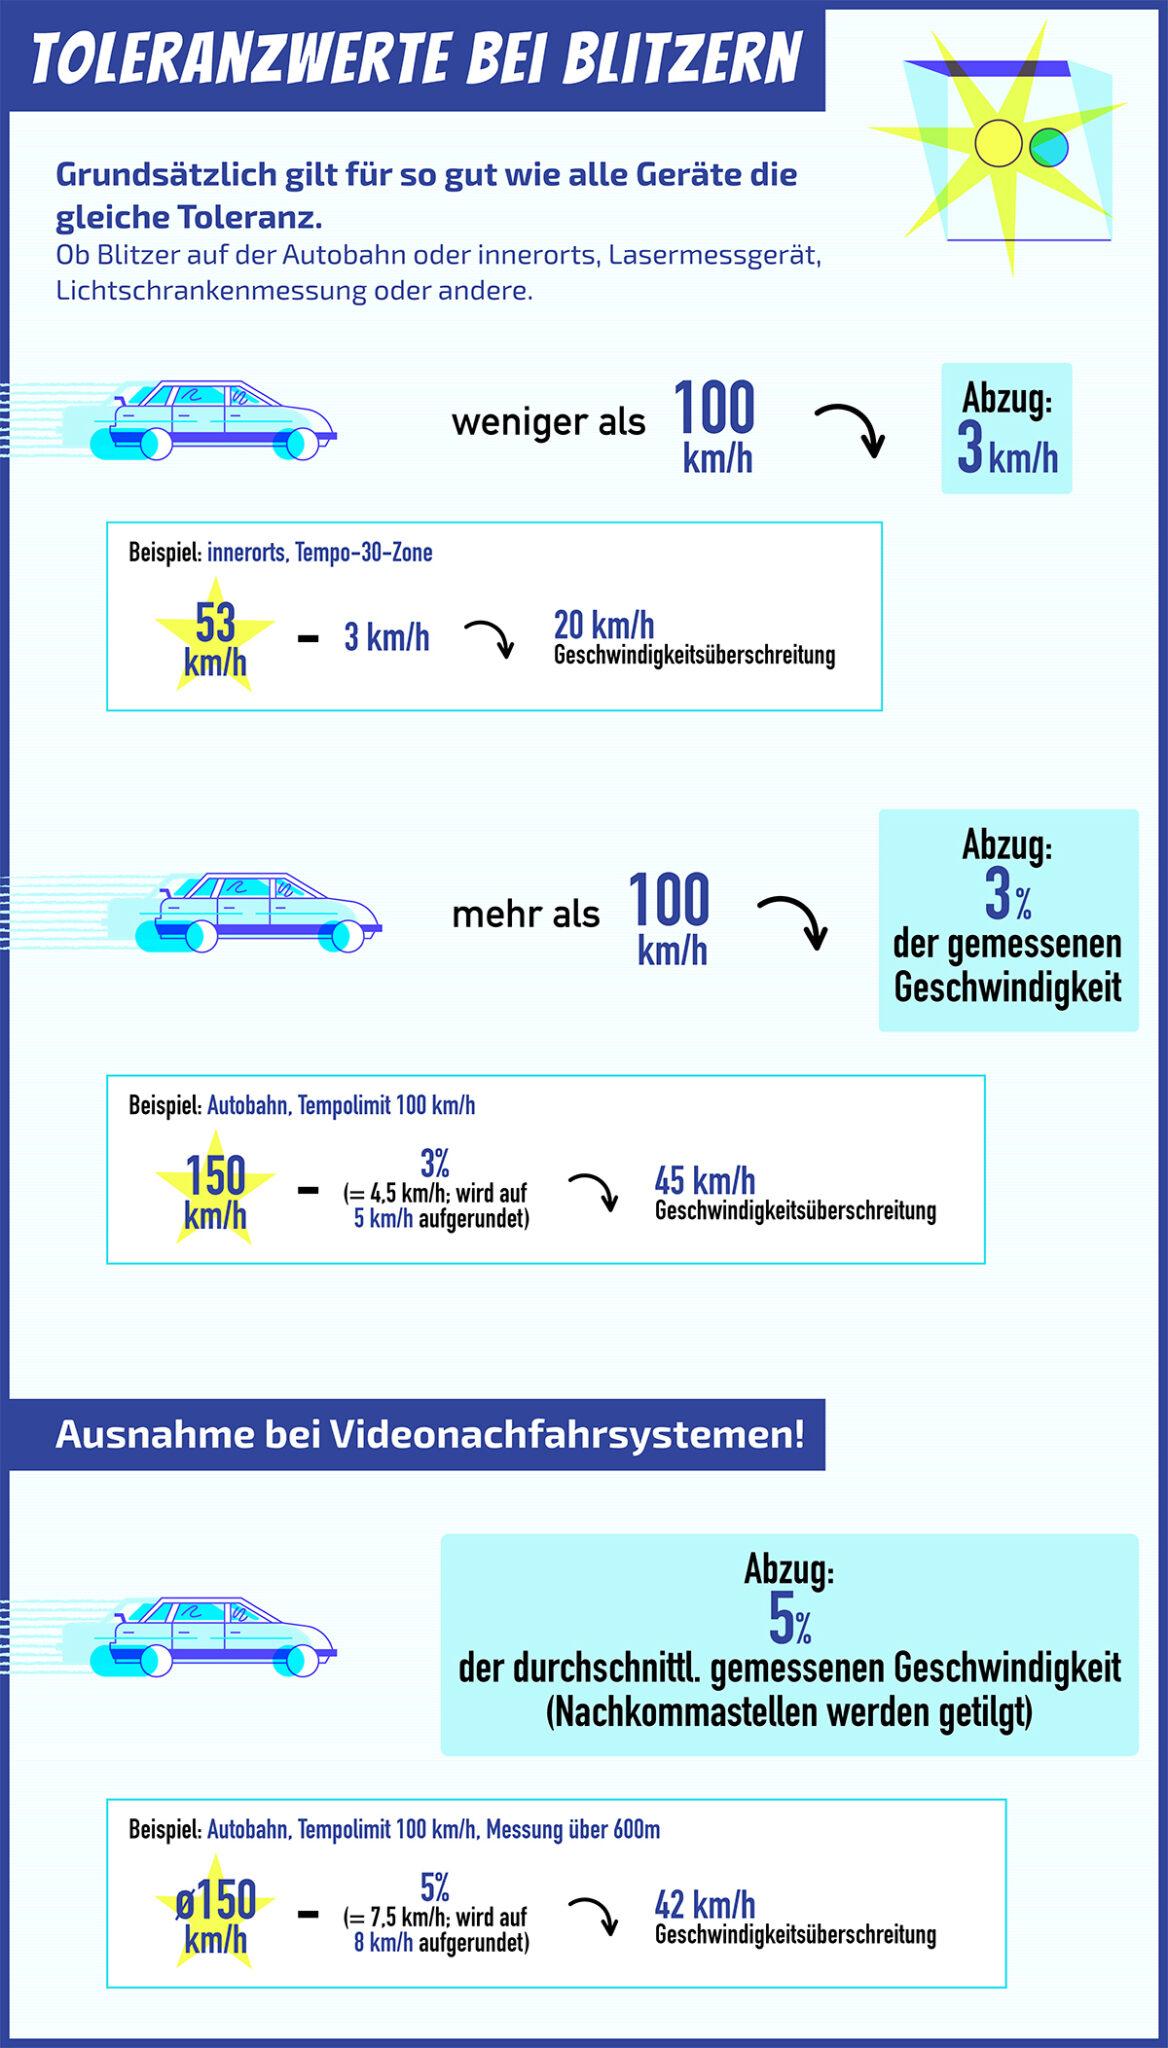 Die Grafik zeigt anhand von Rechenbeispielen, welche Toleranzwerte verschiedene Methoden zur Geschwindigkeitskontrolle haben und wie viele Kilometer pro Stunde vom Messergebnis abgezogen werden können.